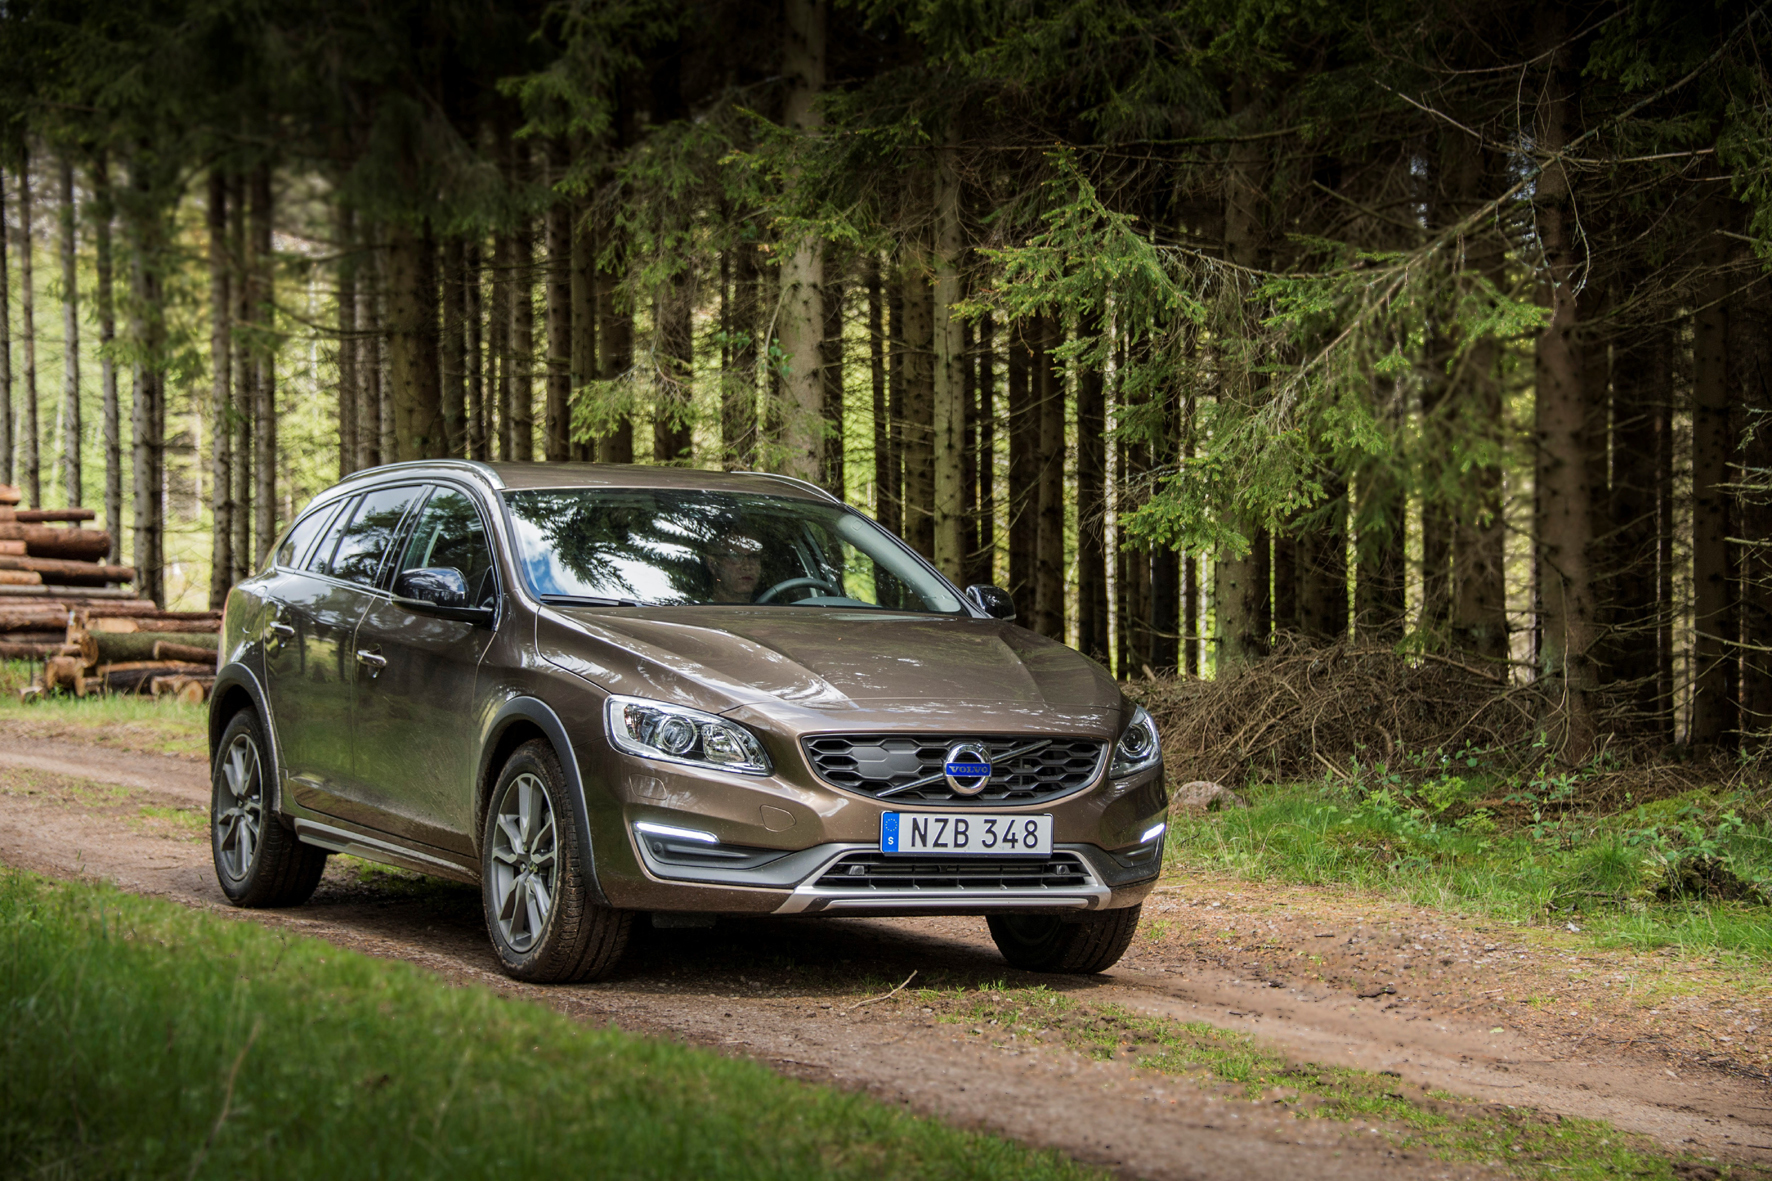 mid Düsseldorf - Die Cross-Country-Modelle von Volvo wie der V60 kommen dank erhöhter Bodenfreiheit und optionalem Allrad-Antrieb auch abseits befestigter Straßen bestens zurecht.